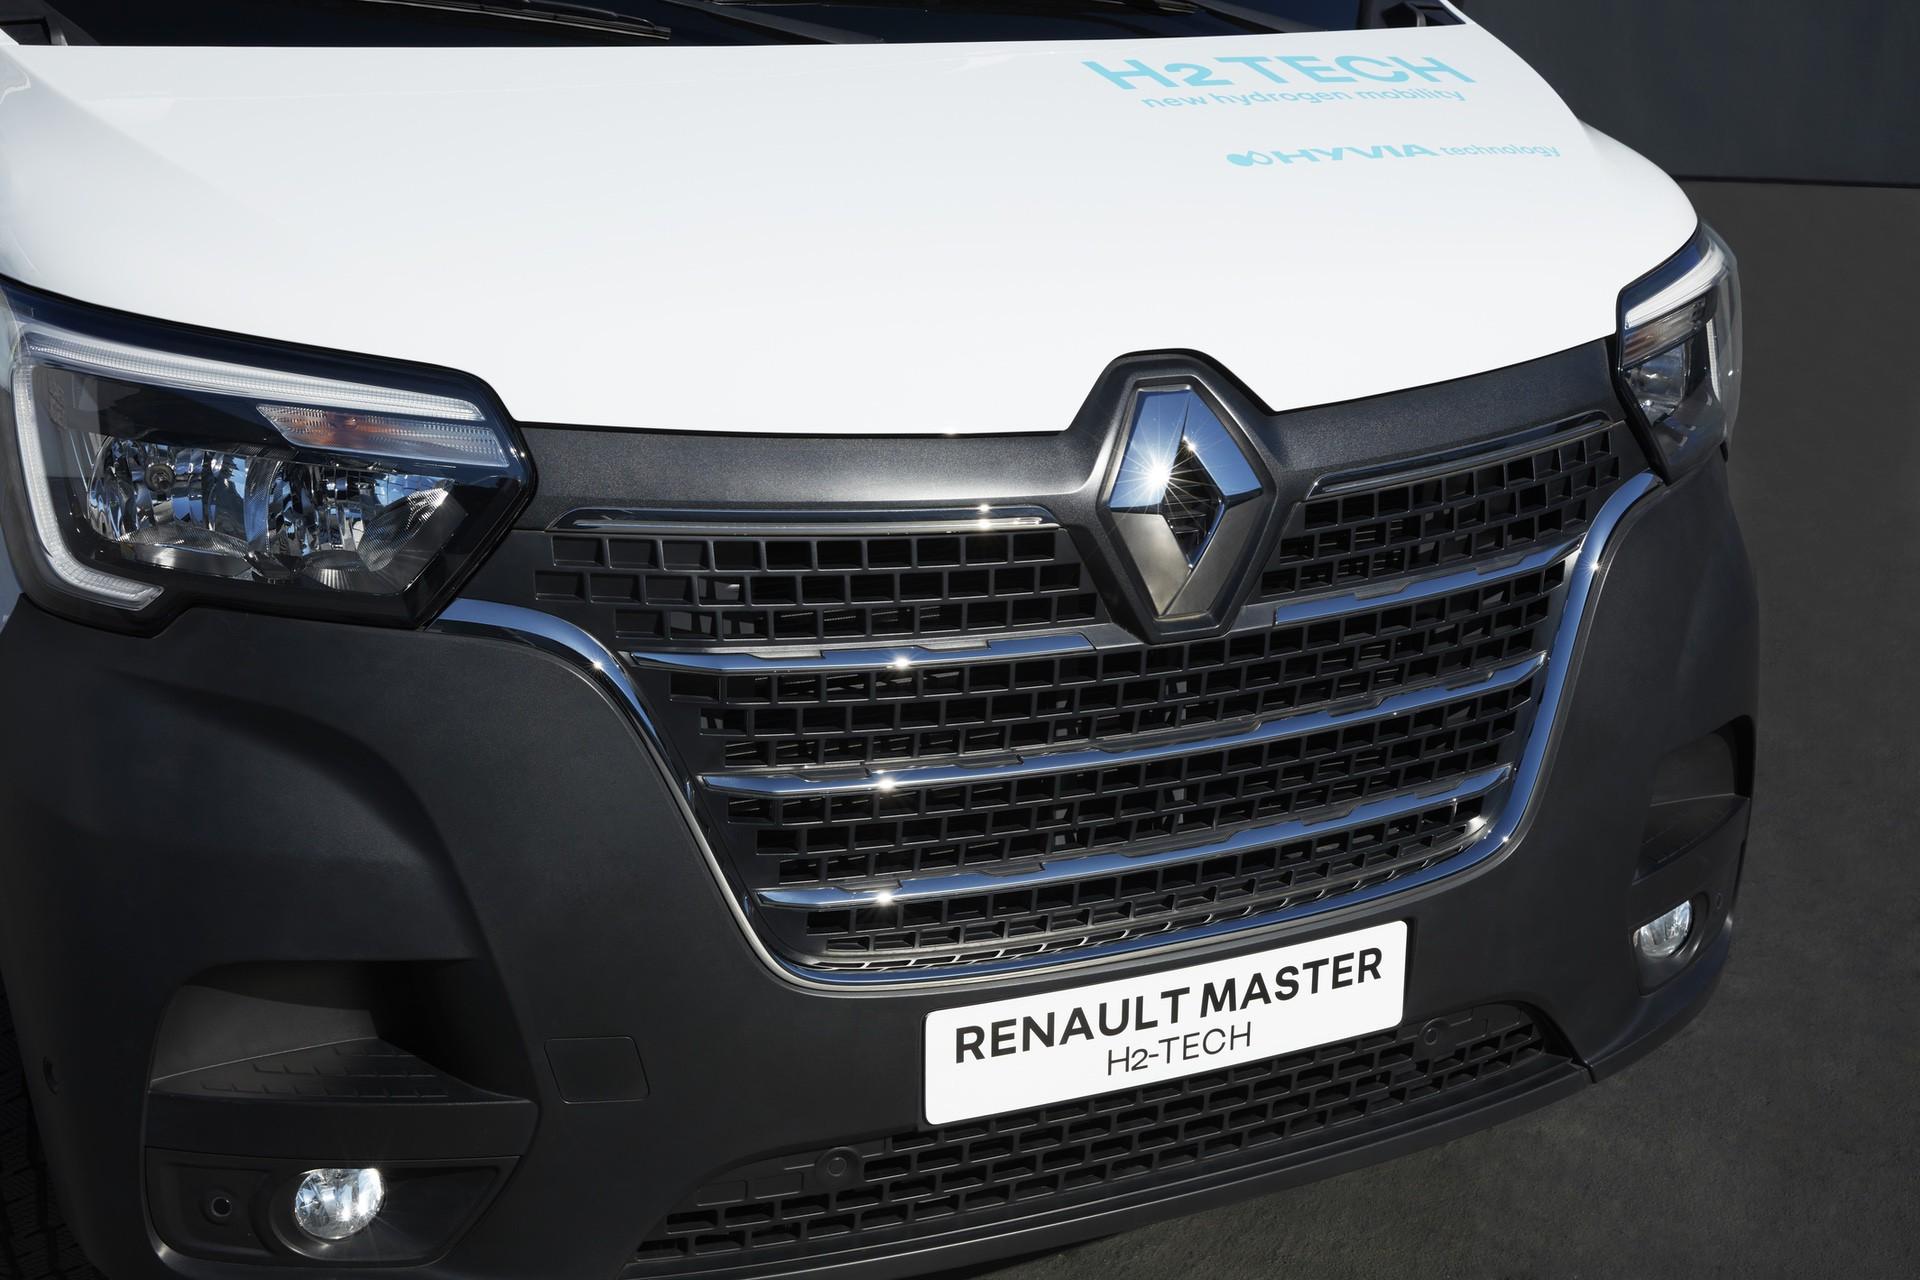 11-2021-Renault-Master-Van-H2-TECH-Prototype